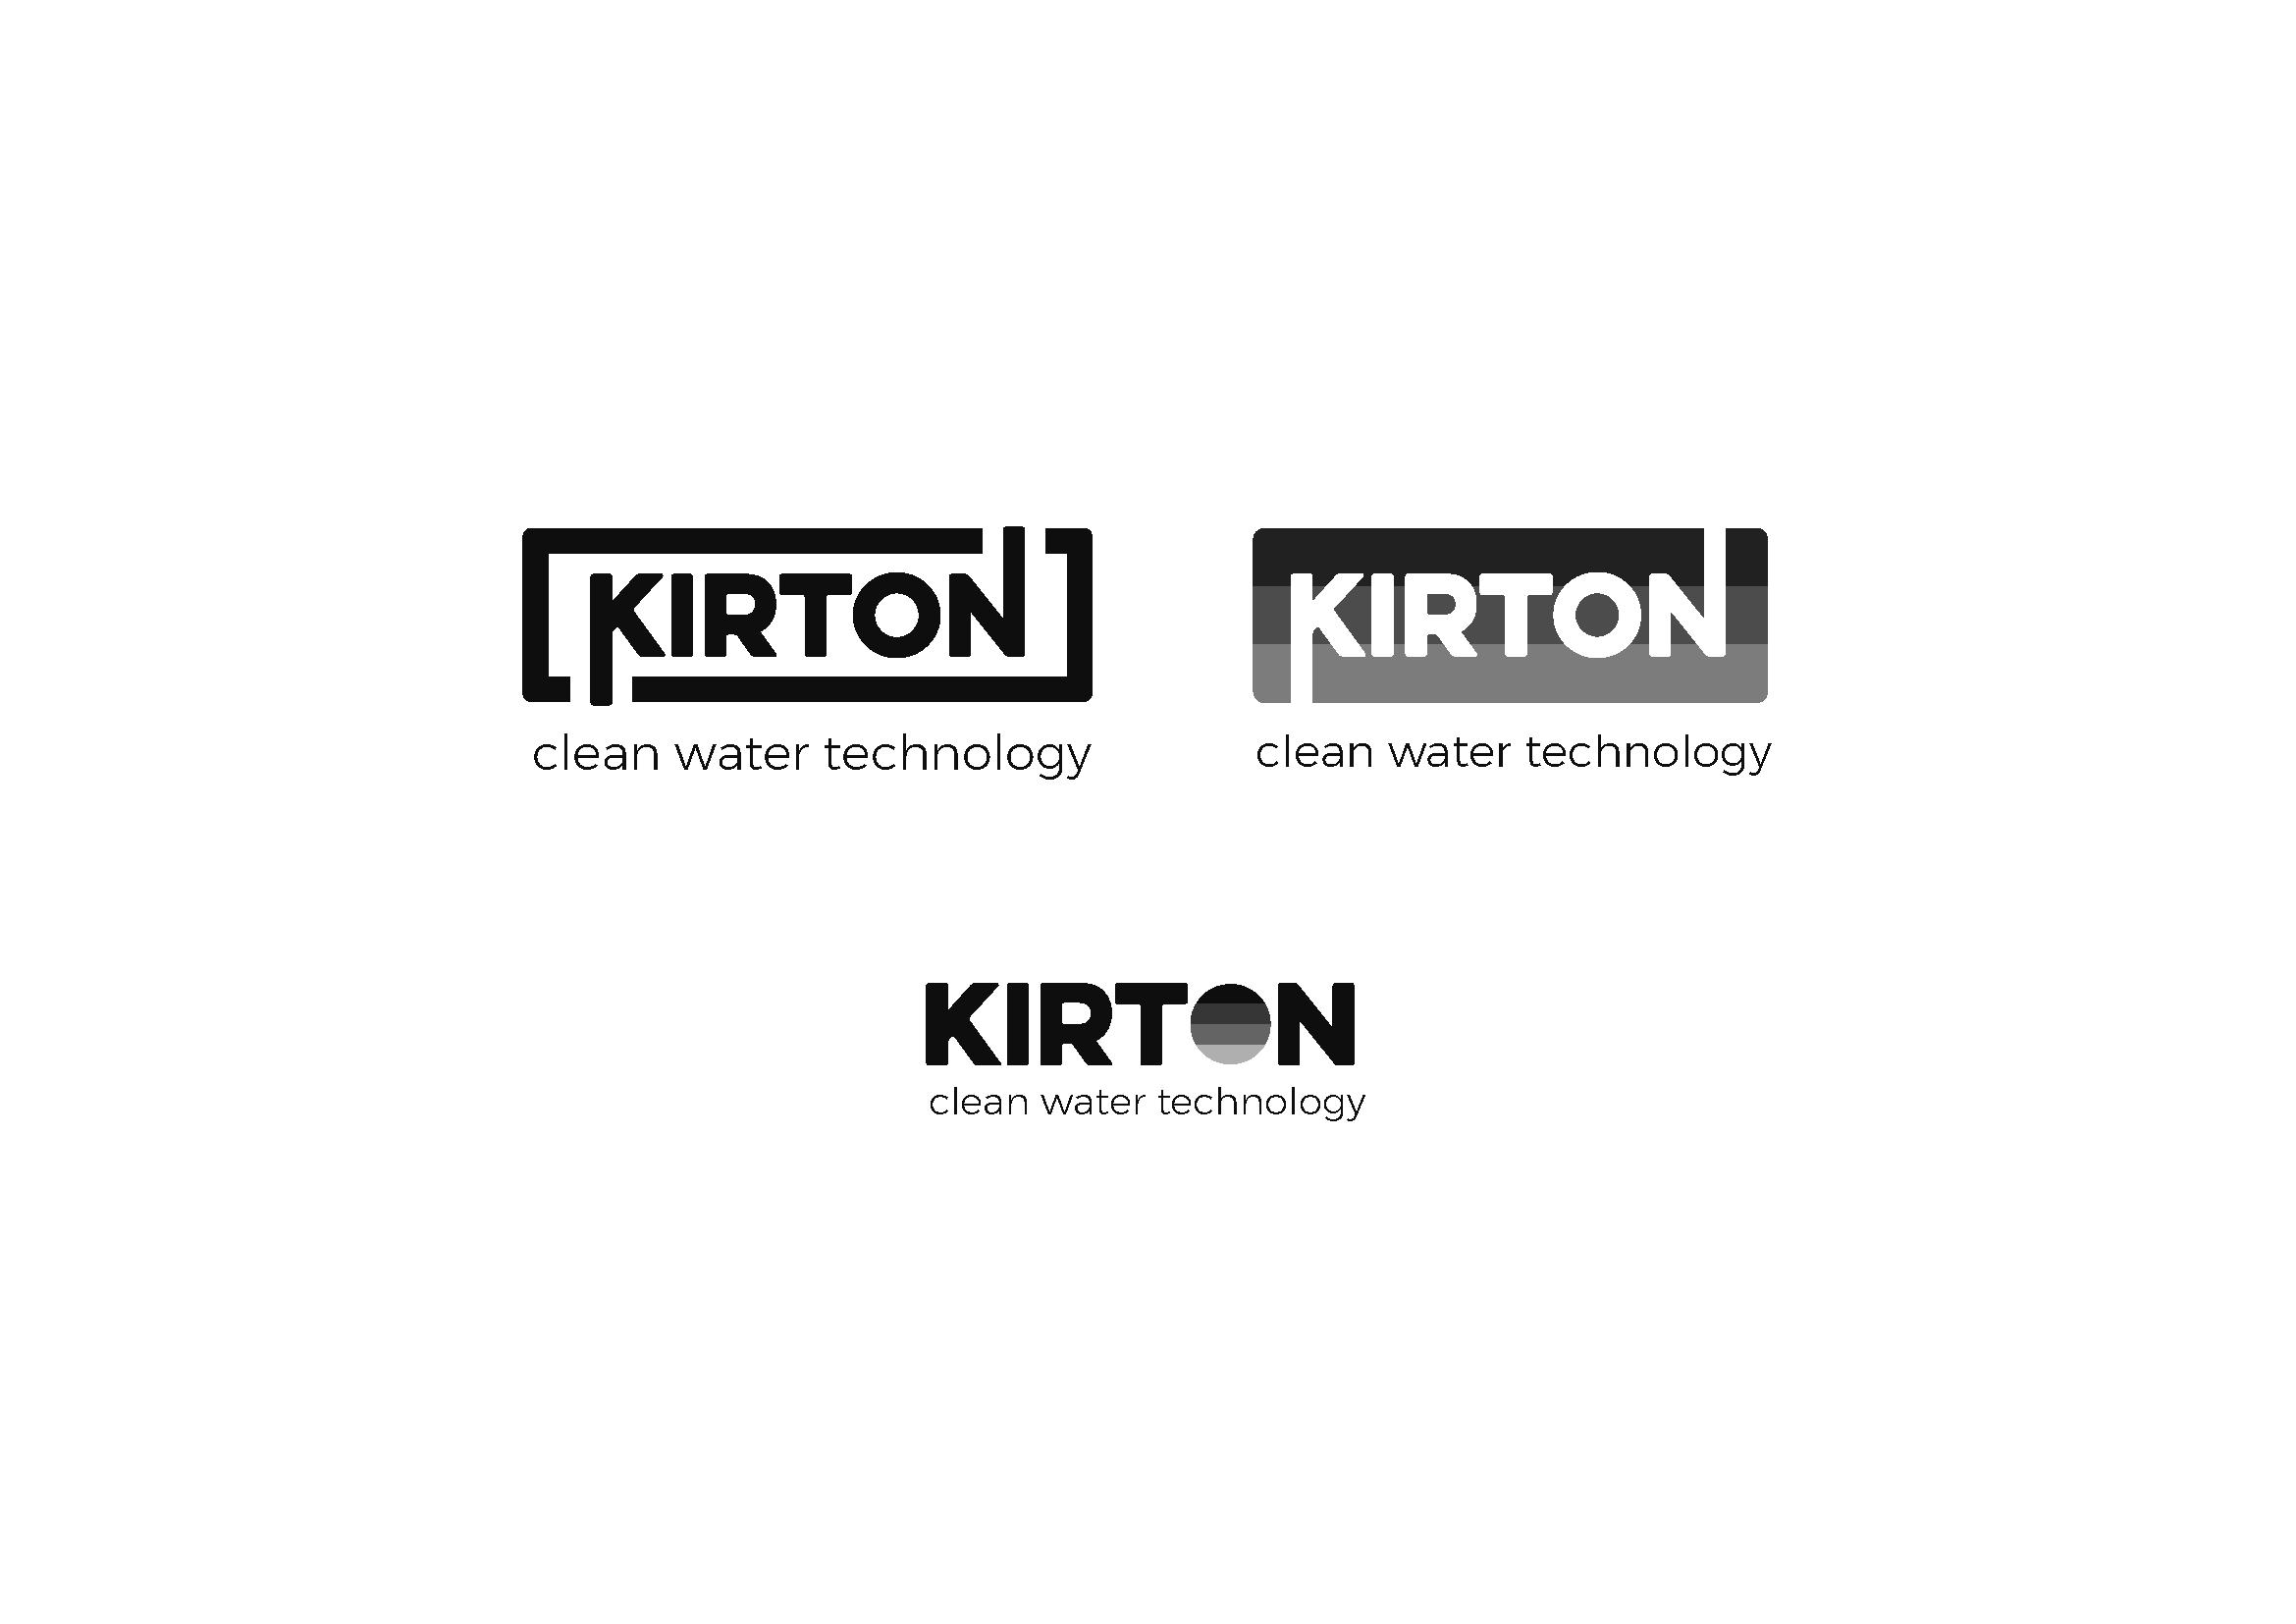 kirton-logos-v2_Page_2.png